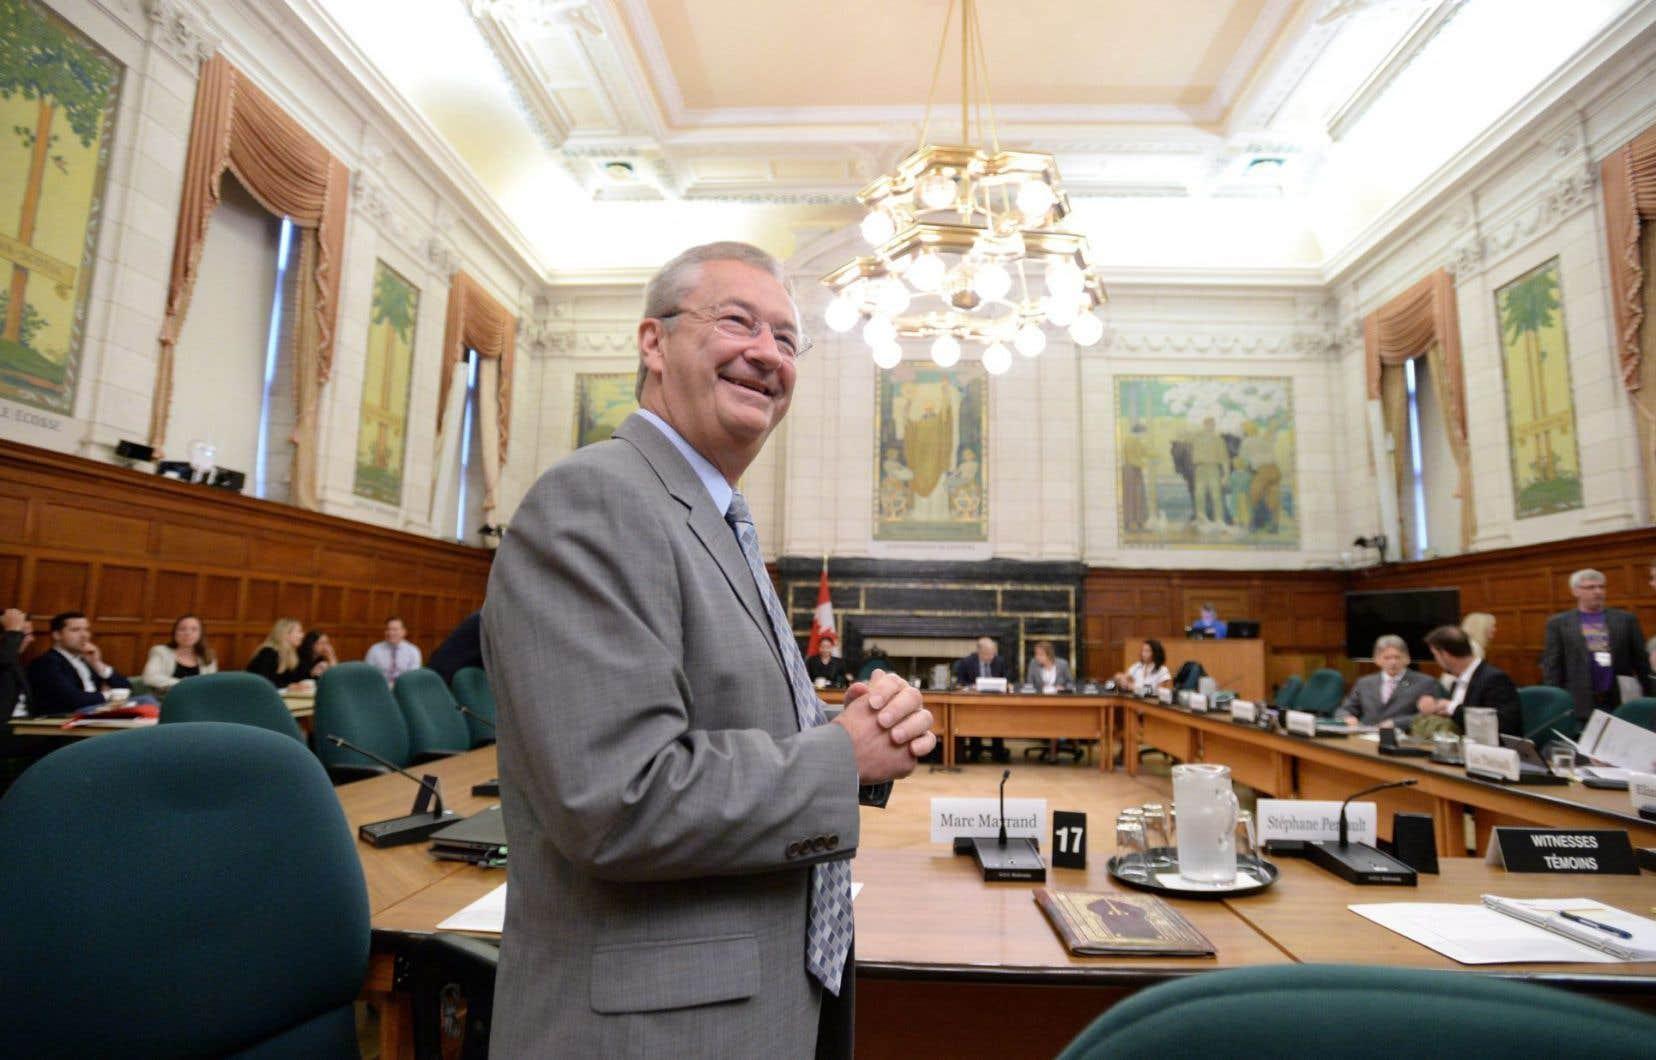 Le patron d'Élections Canada, Marc Mayrand, a comparu jeudi matin devant le comité parlementaire étudiant la réforme du mode de scrutin.